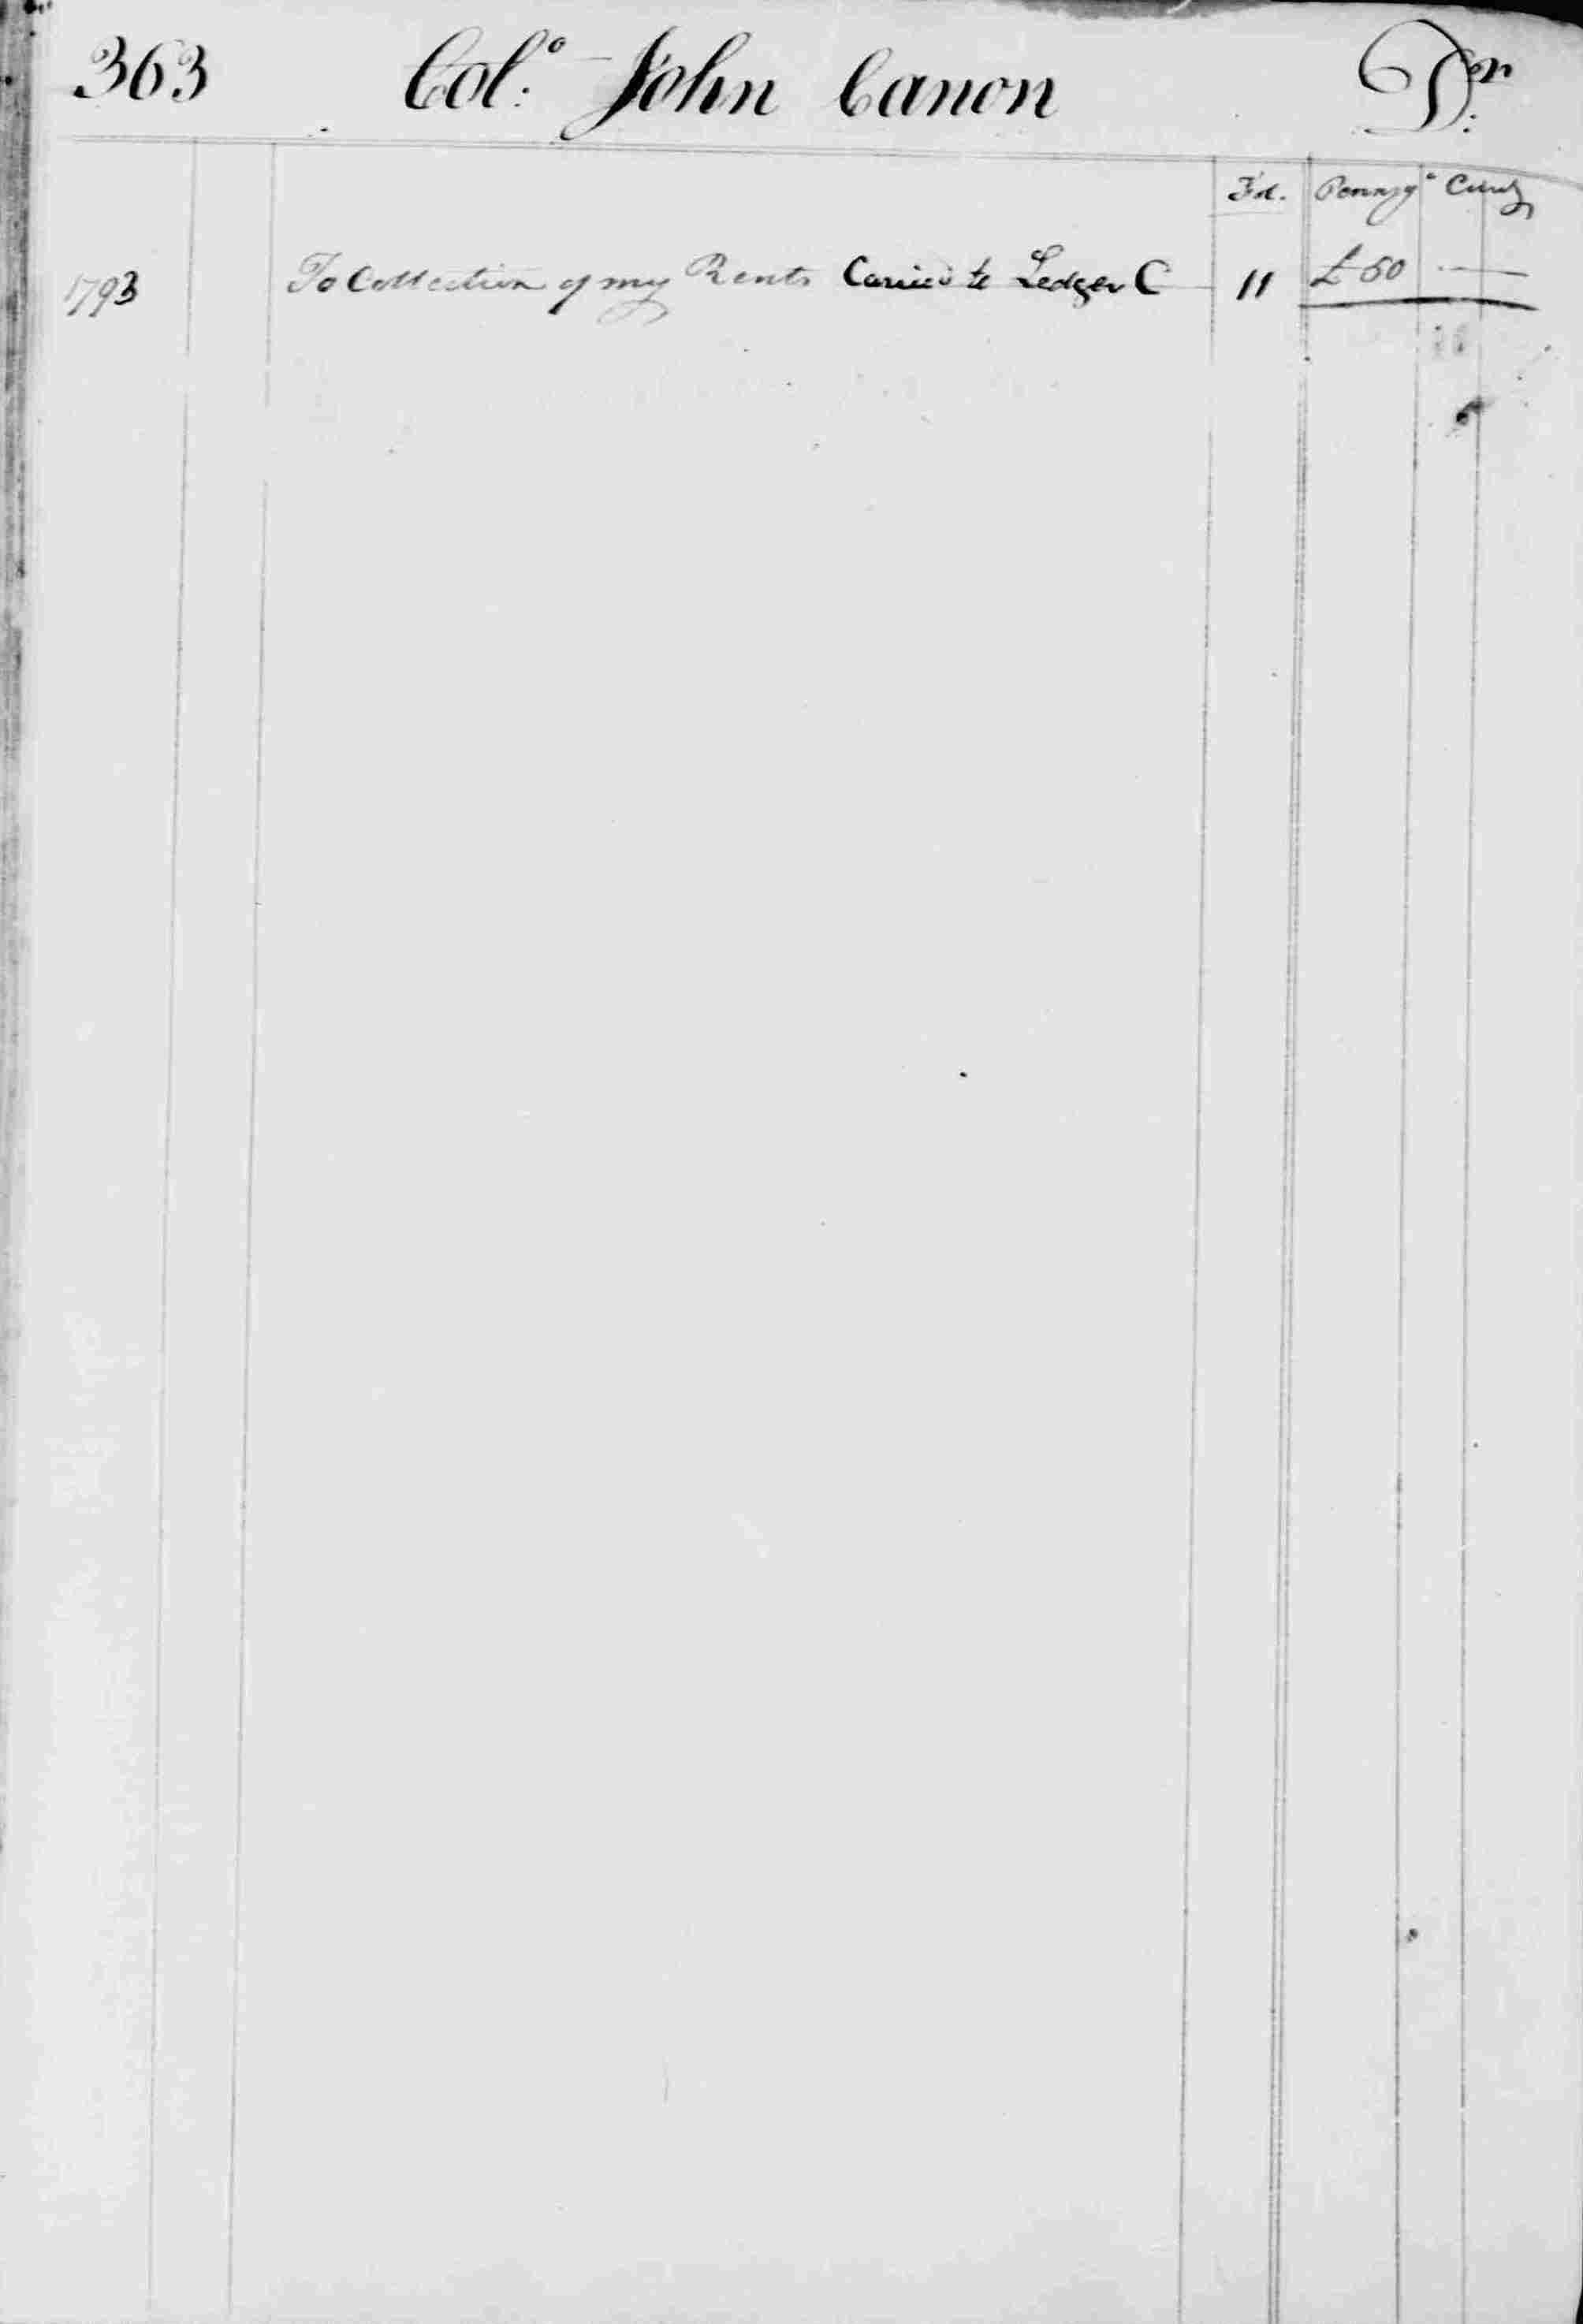 Ledger B, folio 363, left side